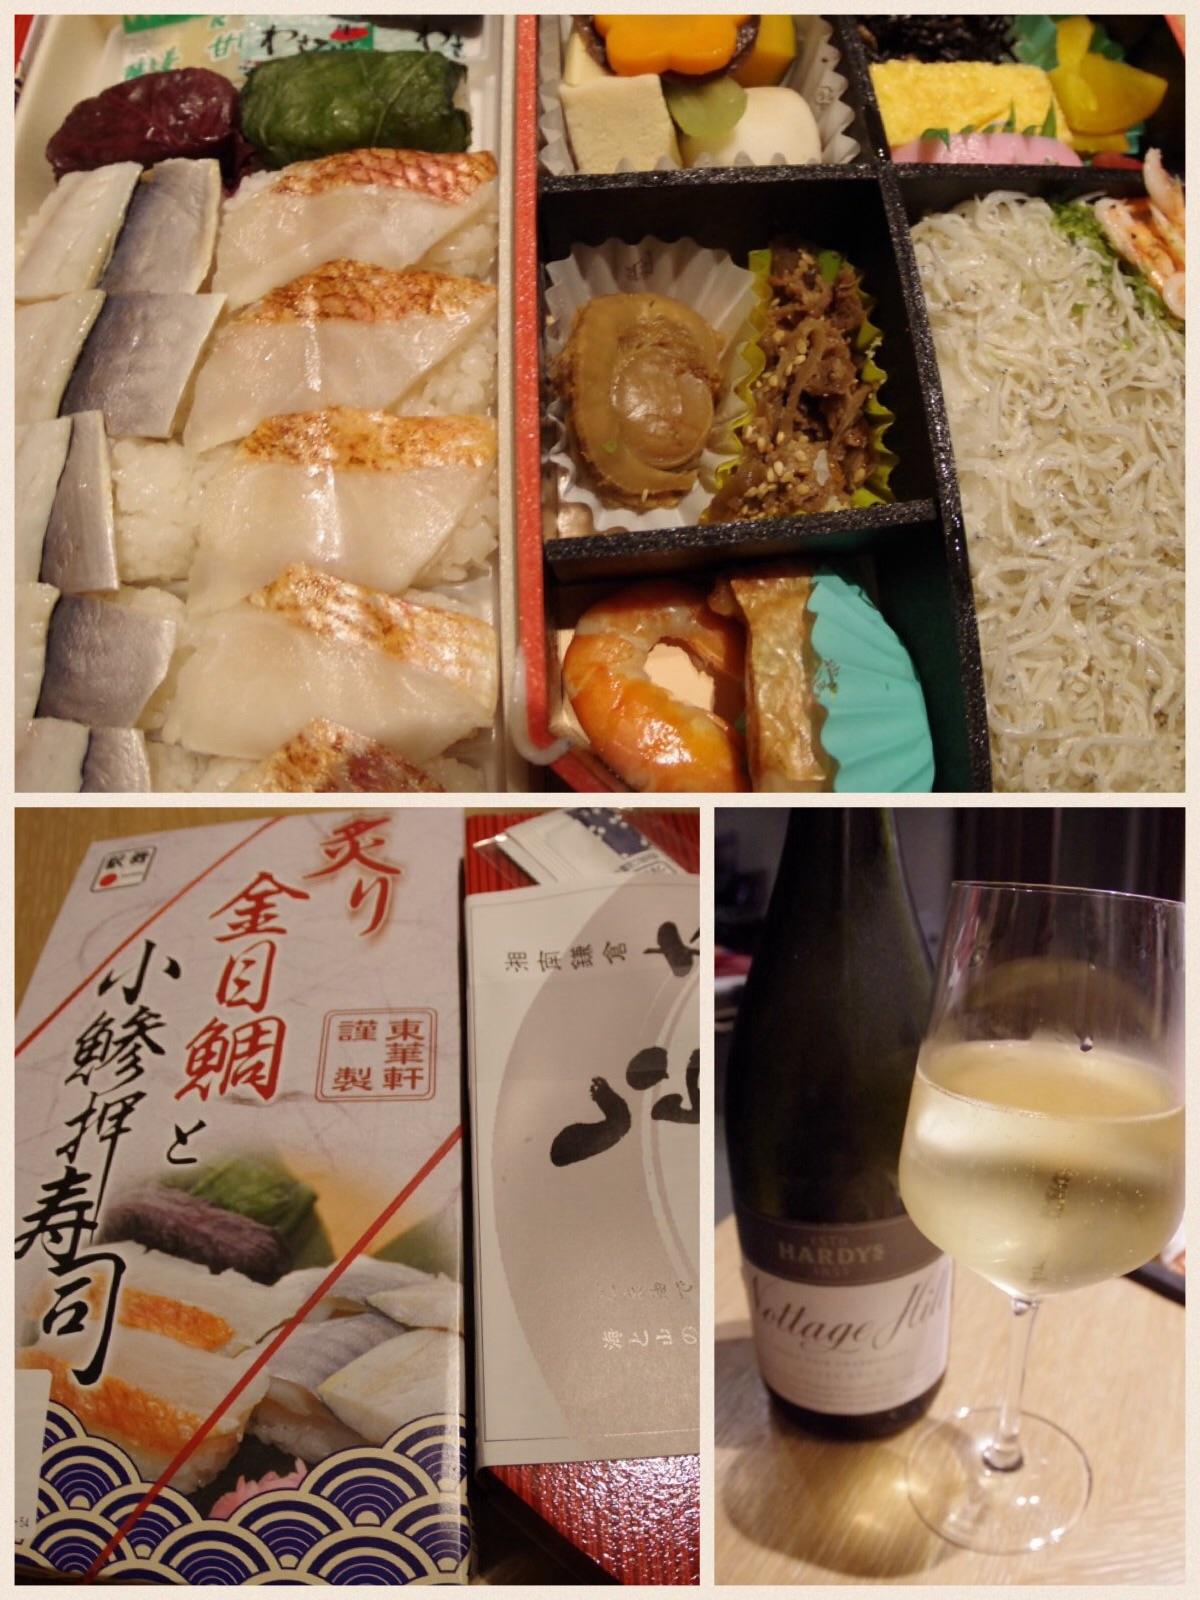 熱海の持ち帰りグルメ 小鯵押し寿司